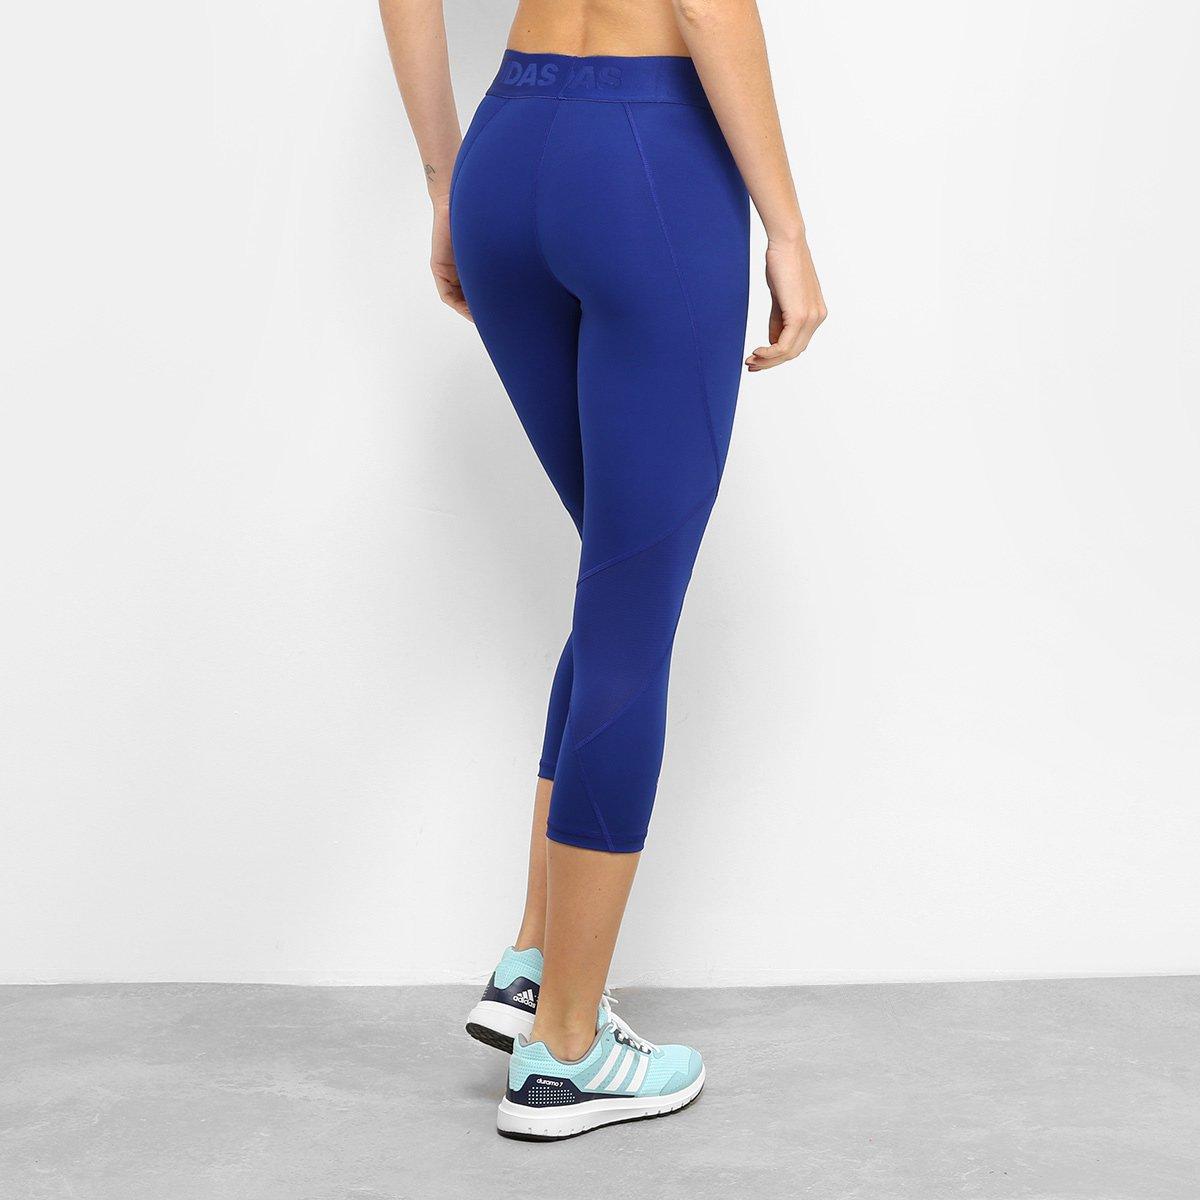 Corsário Royal Calça 34 Azul Spr Calça Corsário Adidas Ask Feminina EqxzvBqw